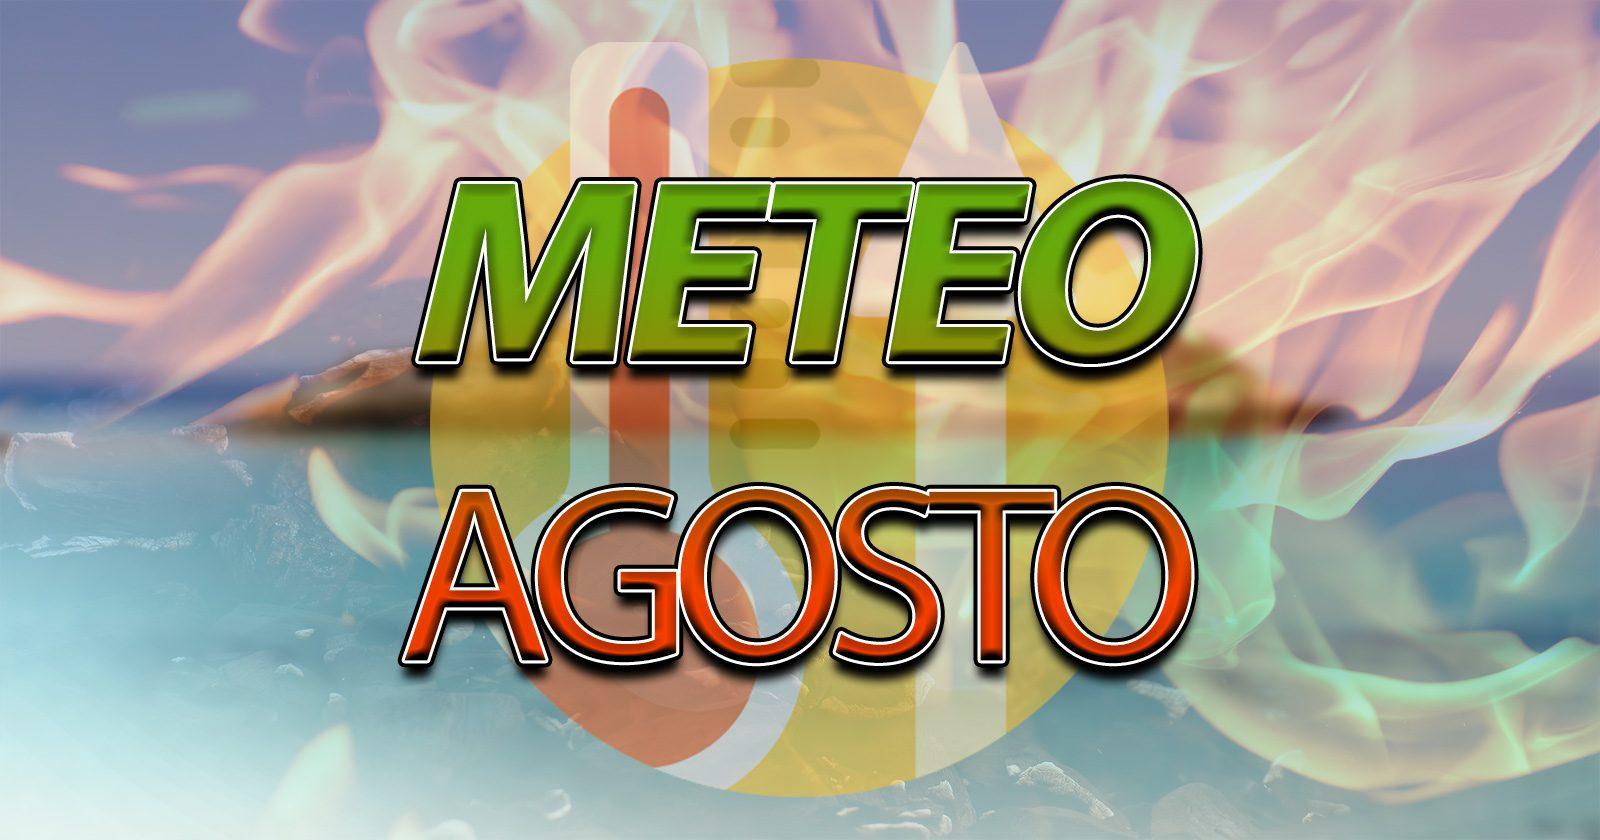 Tendenza meteo per il mese di agosto - Centro Meteo Italiano